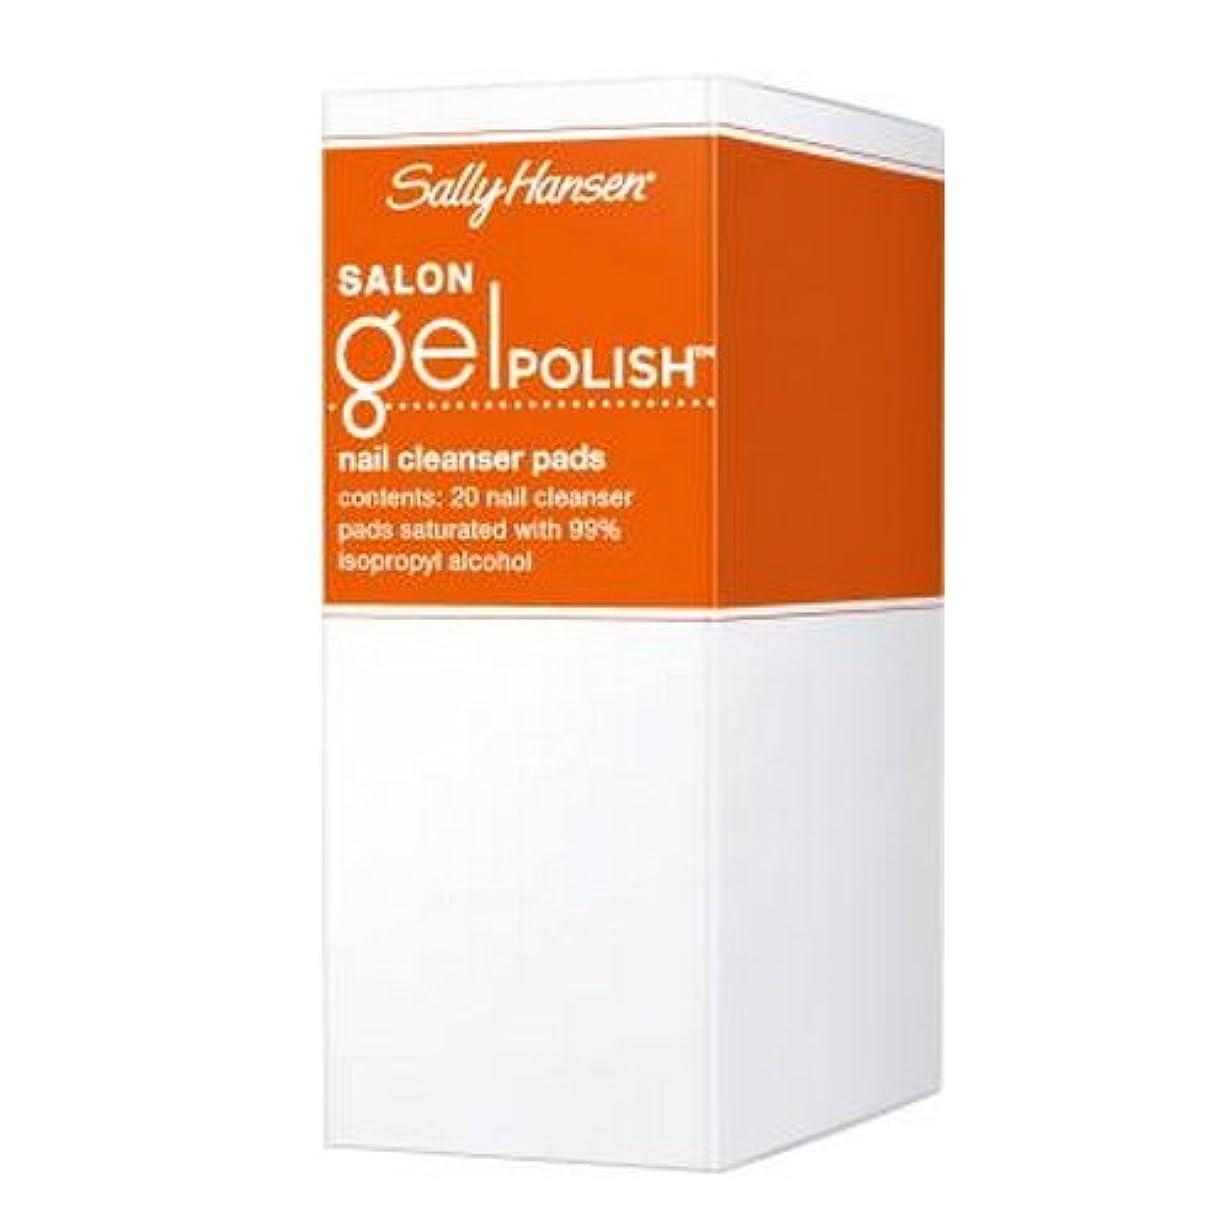 曲げる薬用寛大な(6 Pack) SALLY HANSEN Salon Gel Polish Nail Cleanser Pads - Gel Polish Cleanser Pads (並行輸入品)